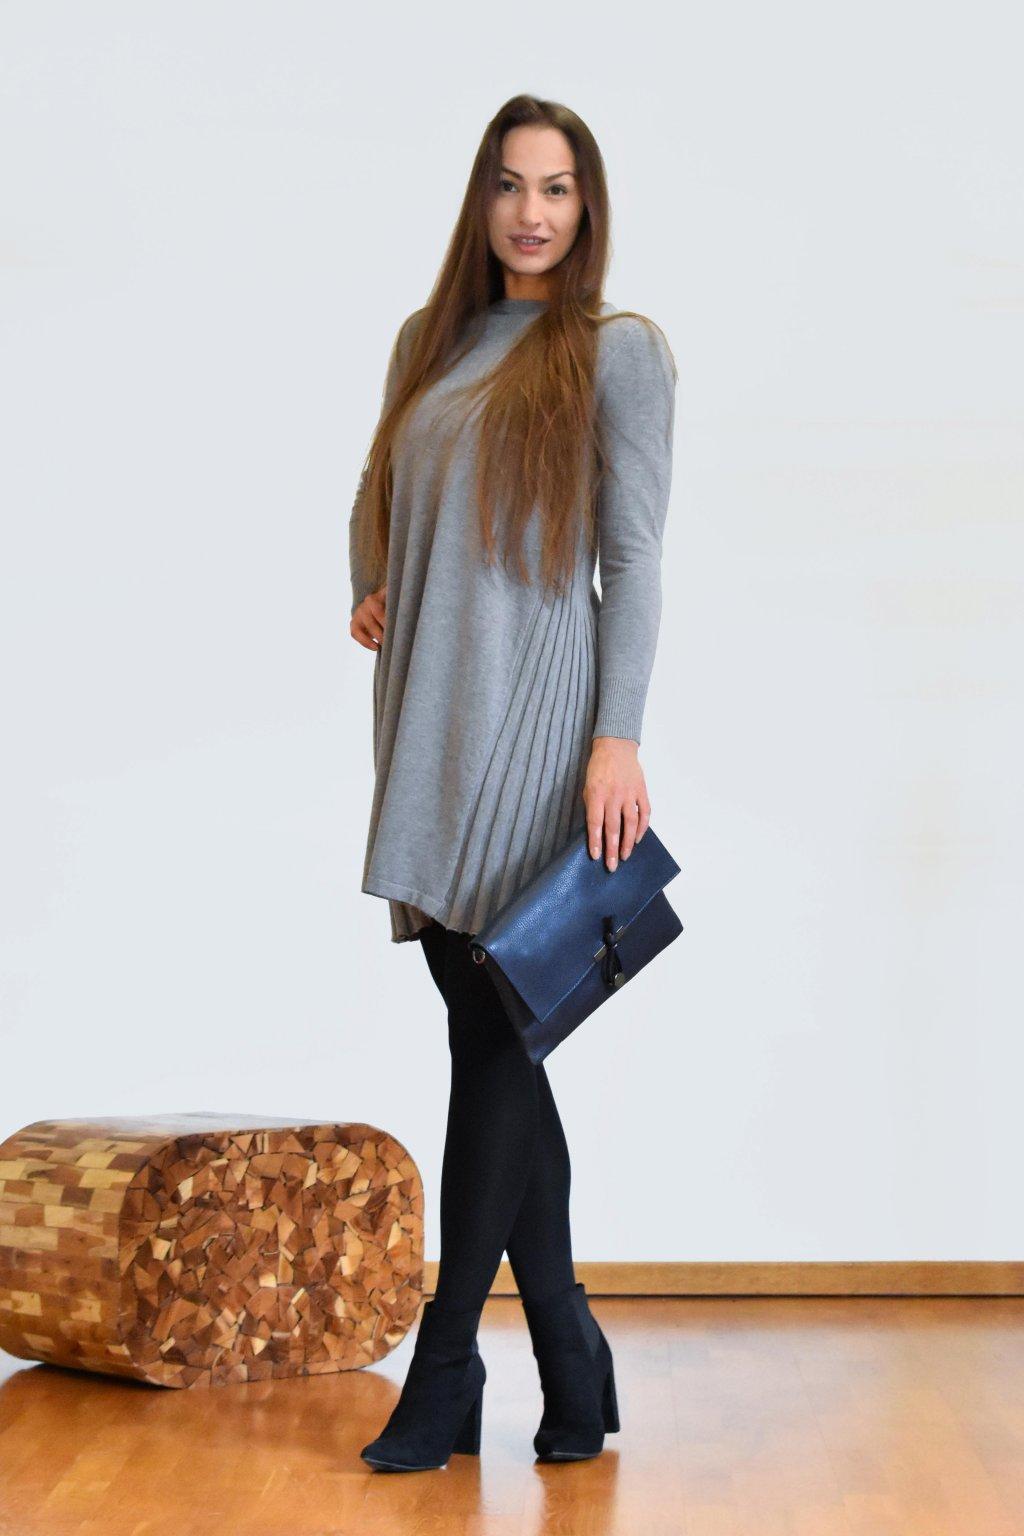 Úpletové šaty s bočními plisovanými díly